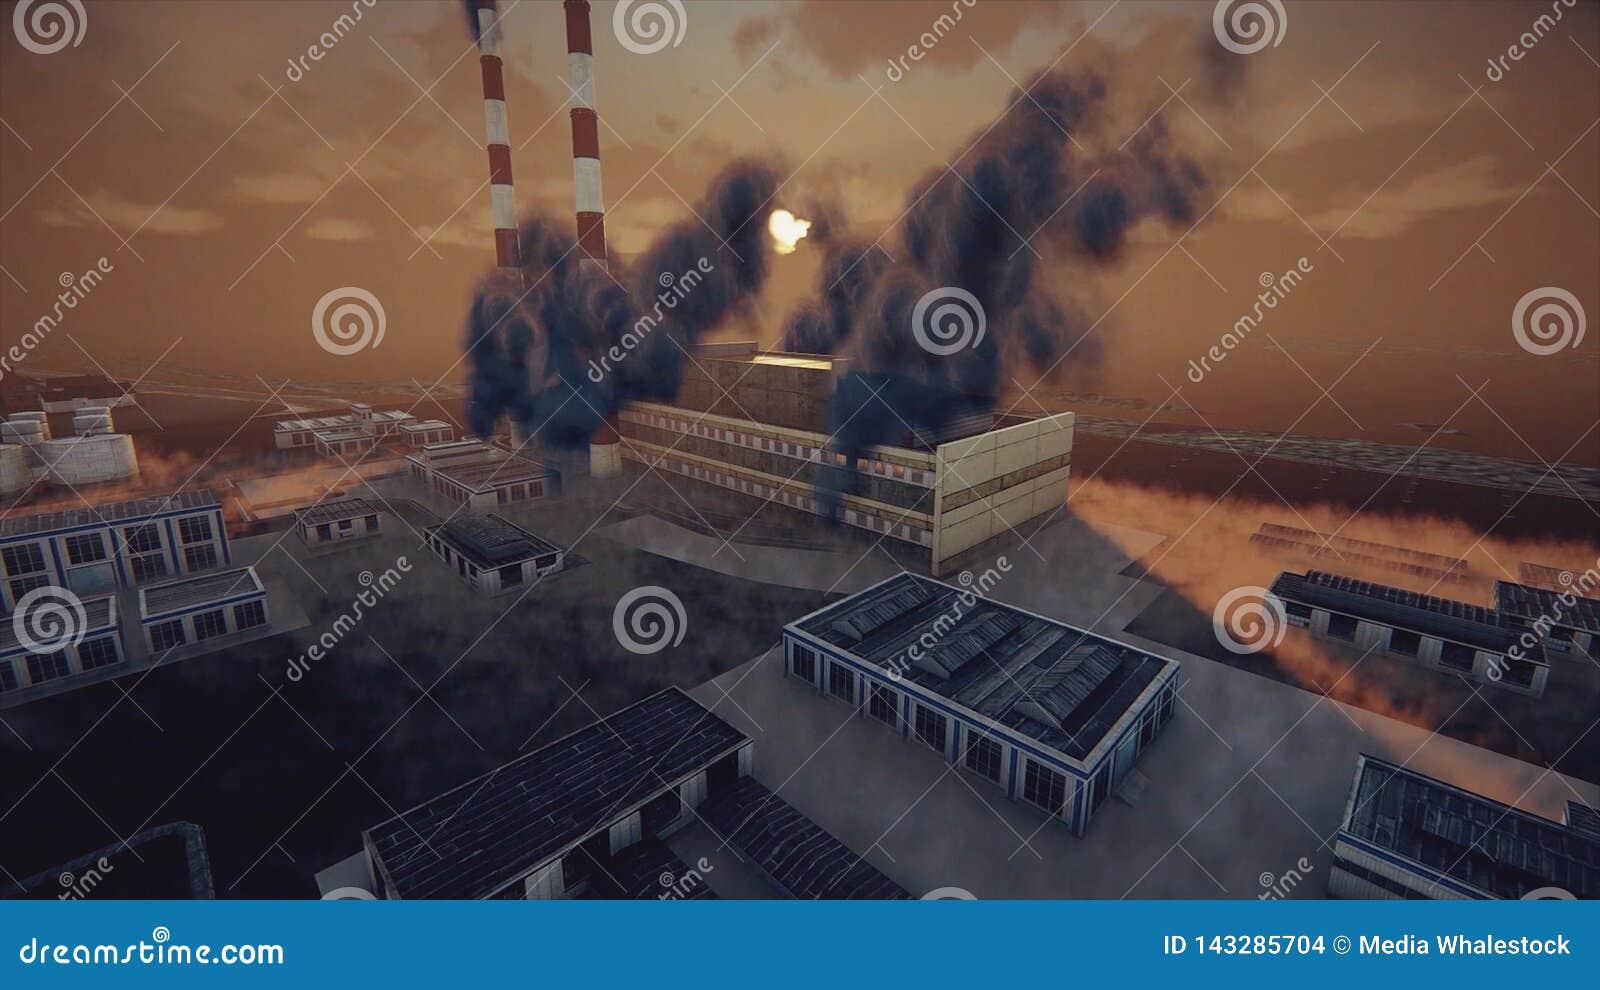 植物和抽象工厂的抽烟的烟囱厚实的烟雾、生态问题和空气污染概念的